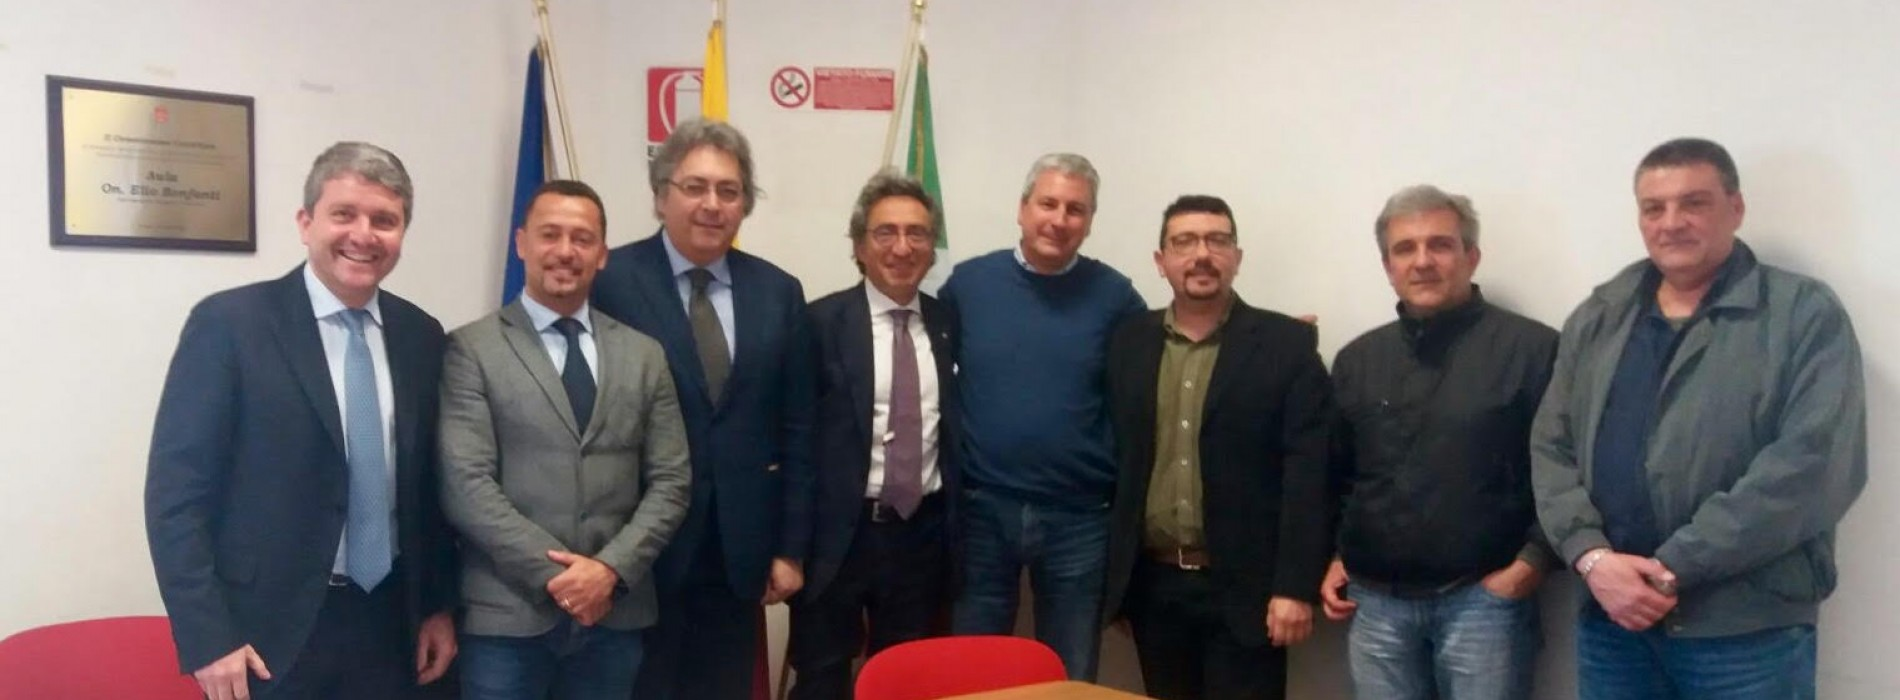 DI PISA A PALERMO: OPERATORI E COMUNE A CONFRONTO PER RILANCIARE IL MERCATO ALL'INGROSSO